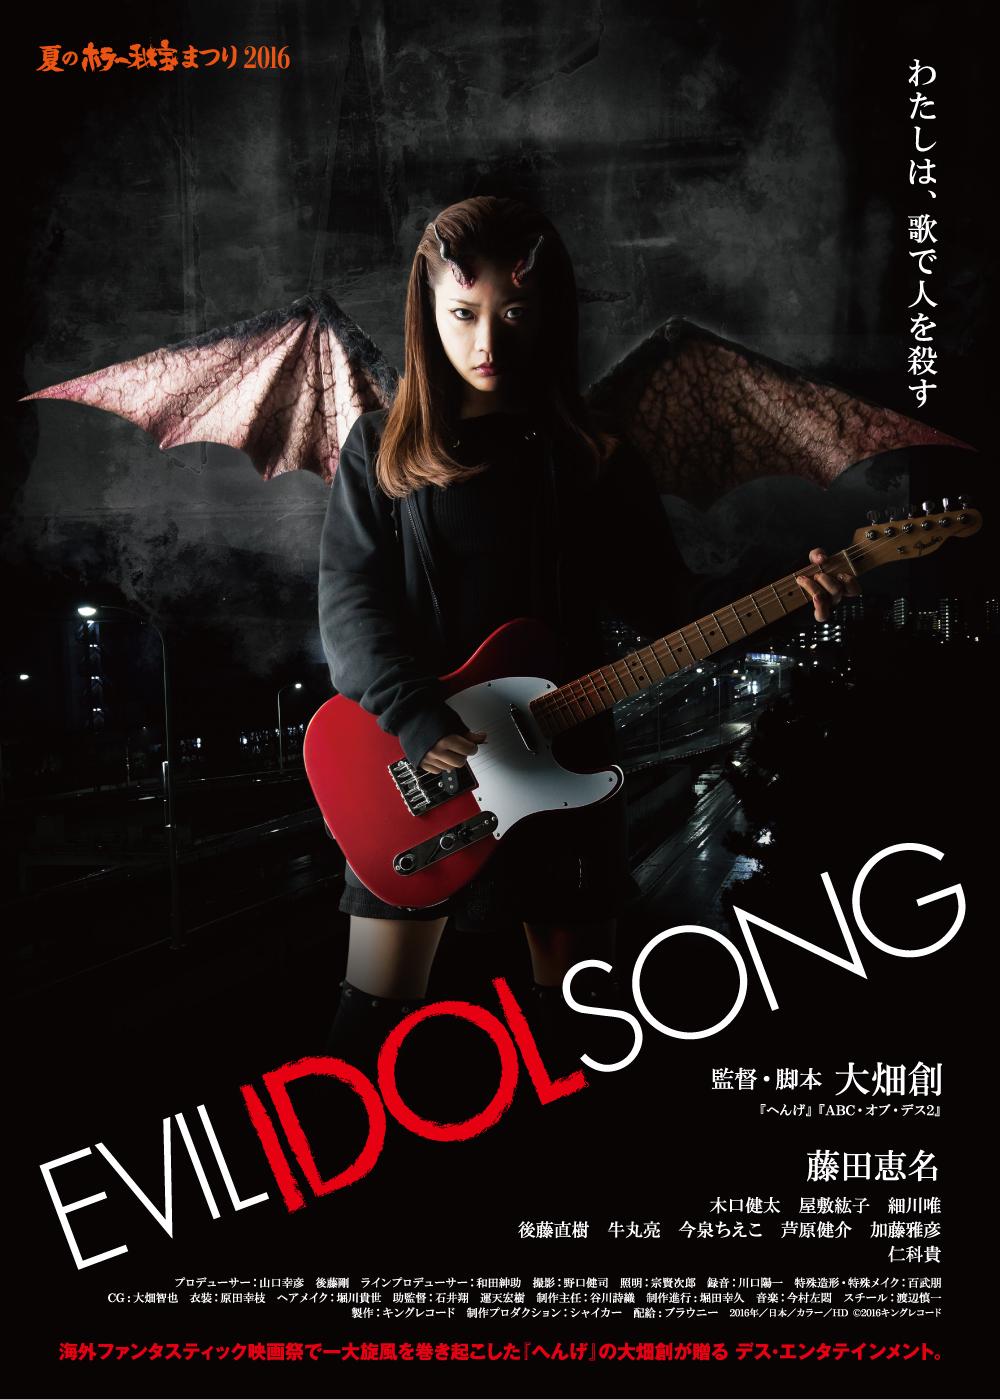 nekopop-ena-fujita-evil-idol-song-promo-09